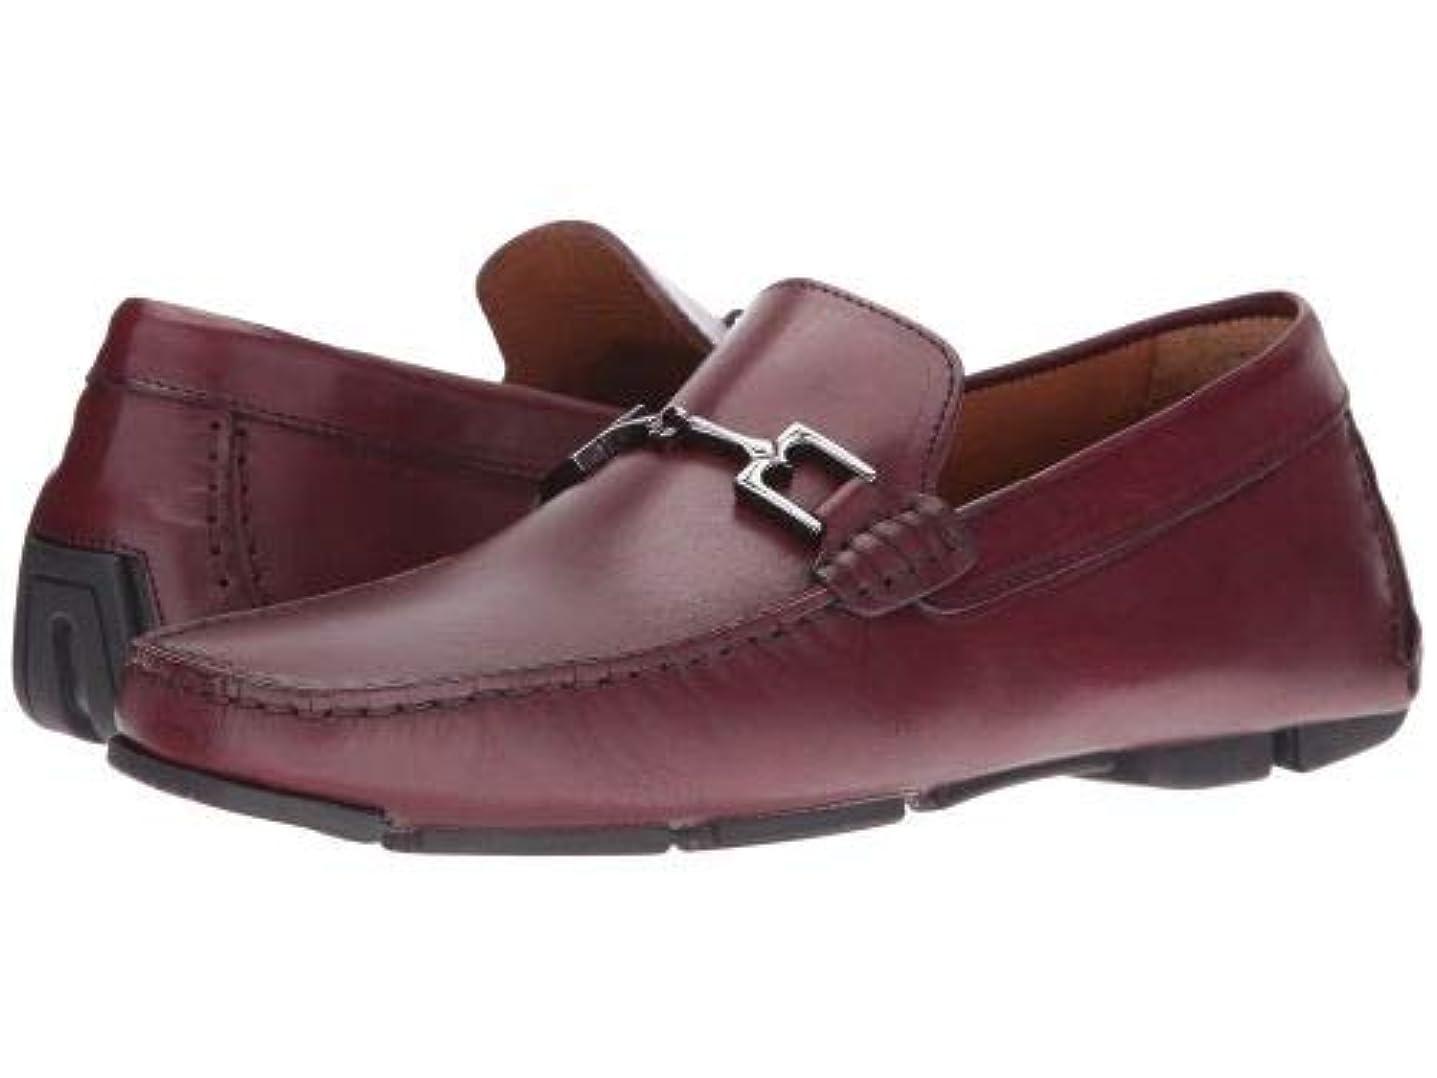 醜いスタイルピアースBruno Magli(ブルーノマリ) メンズ 男性用 シューズ 靴 ローファー Monza - Bordo Leather [並行輸入品]